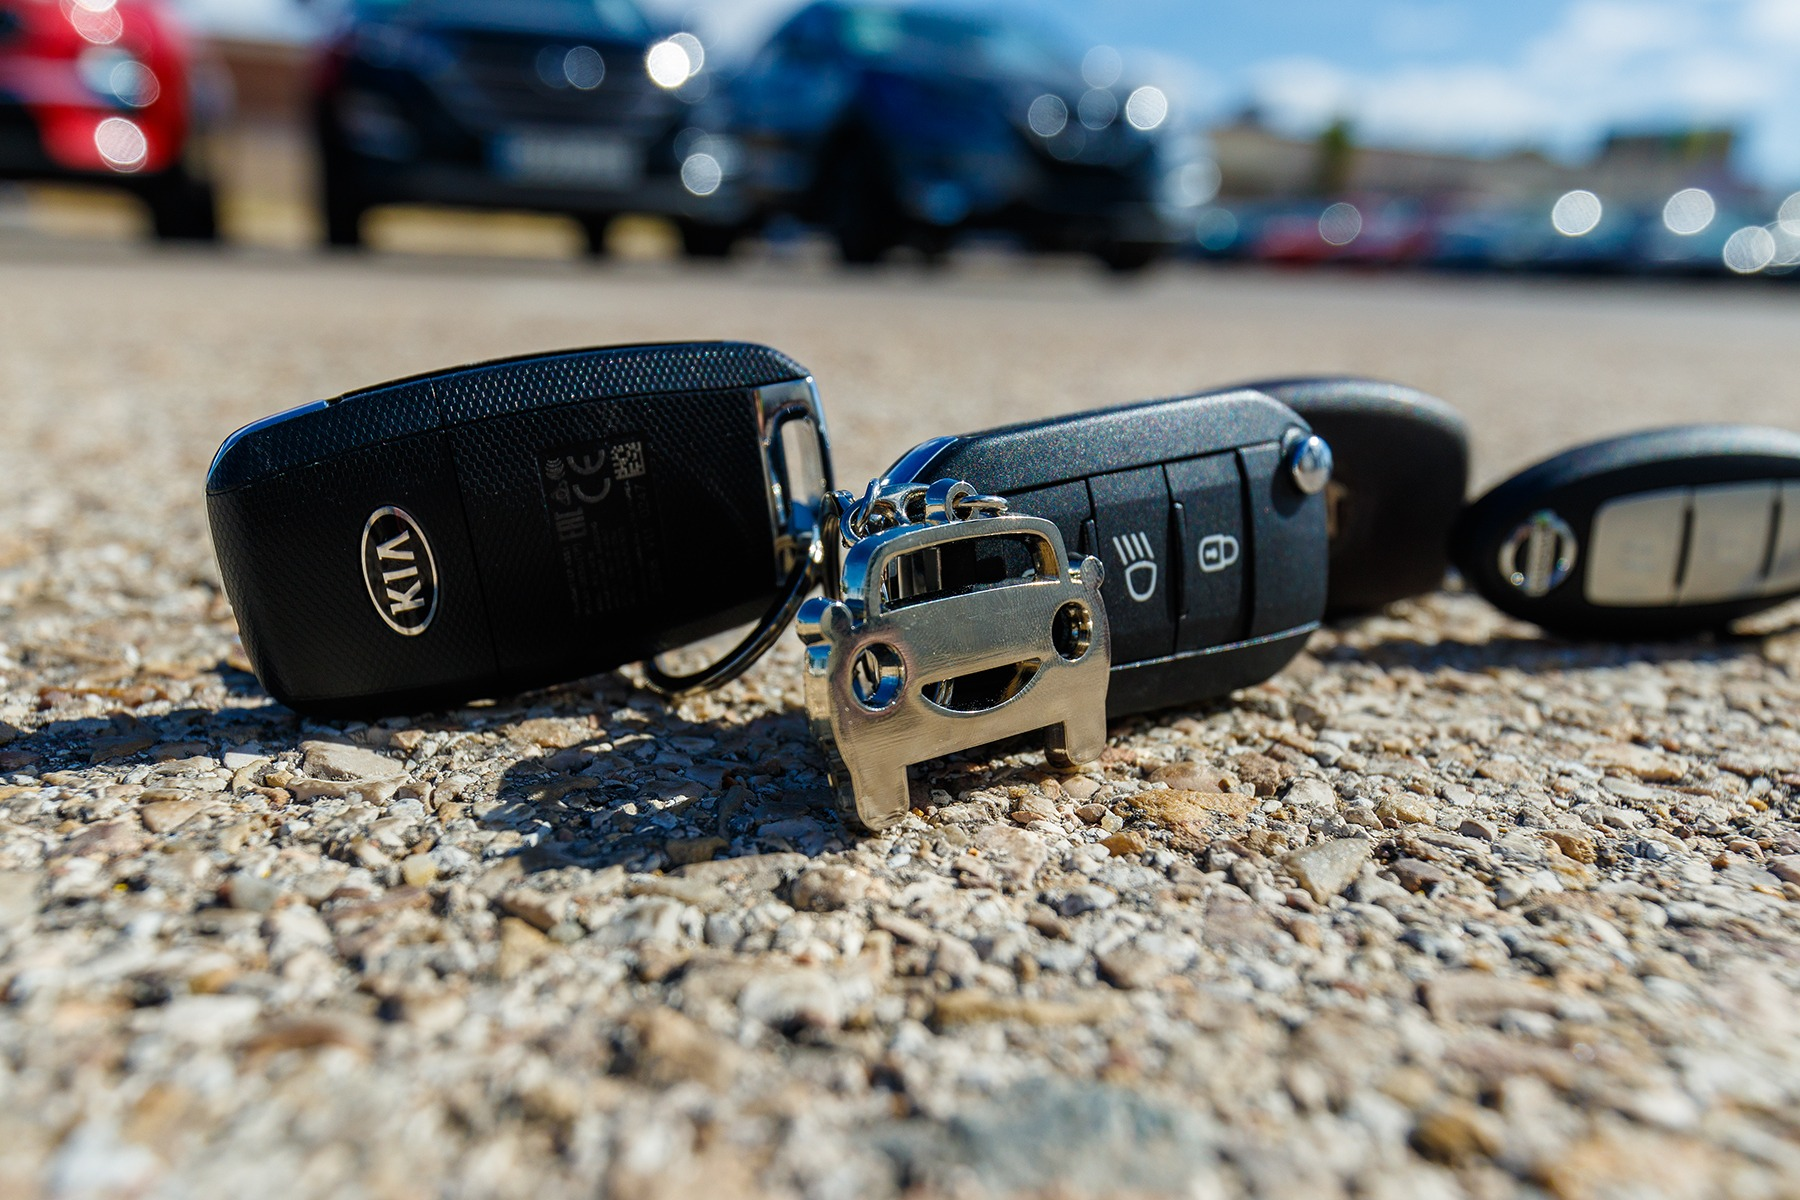 He perdido las llaves del coche: ¿qué puedo hacer?